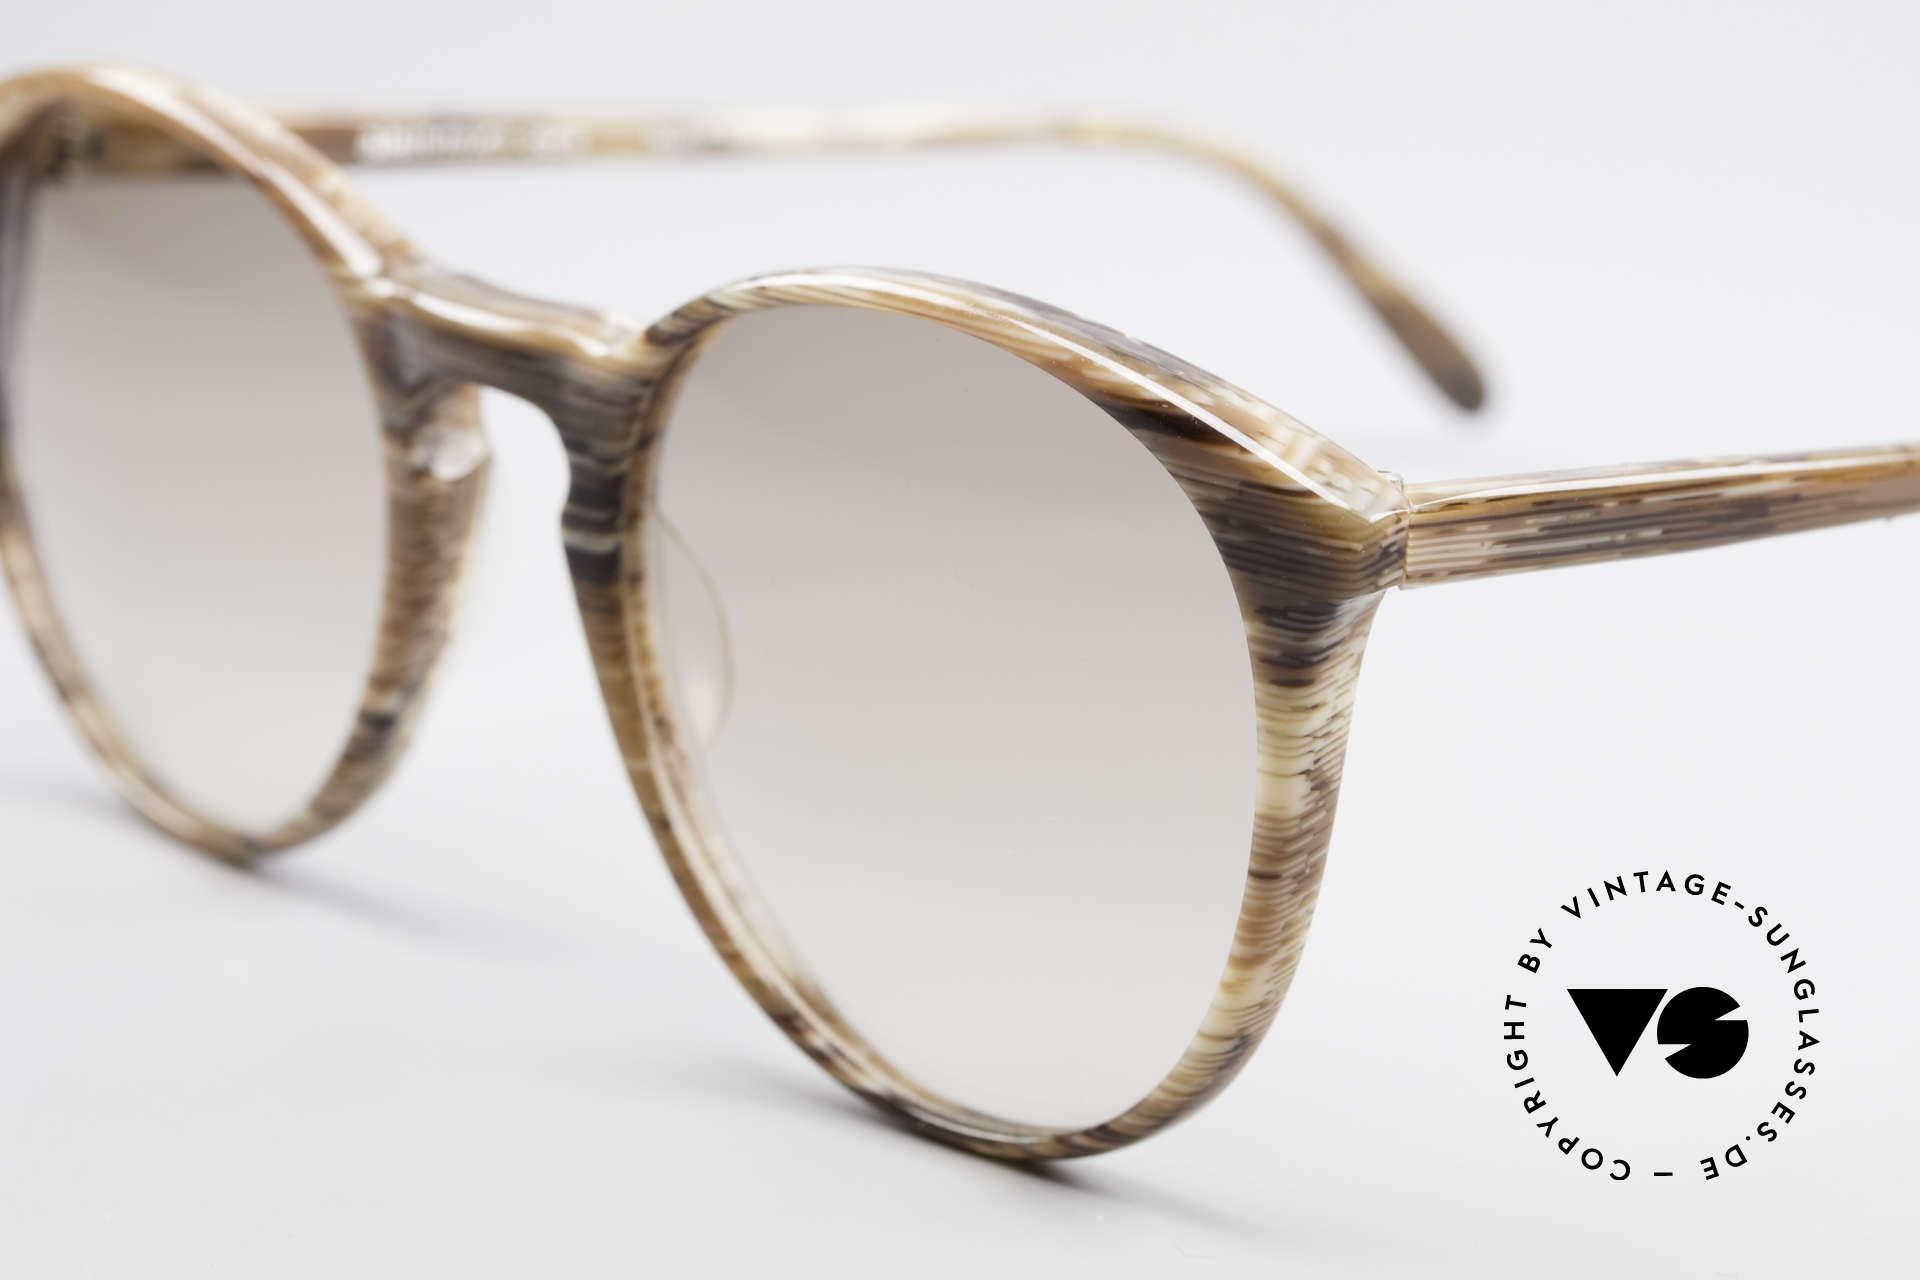 Alain Mikli 901 / 153 Horn Optik Panto Sonnenbrille, hellbraune Verlaufsgläser; 123mm breit = Gr. SMALL, Passend für Herren und Damen